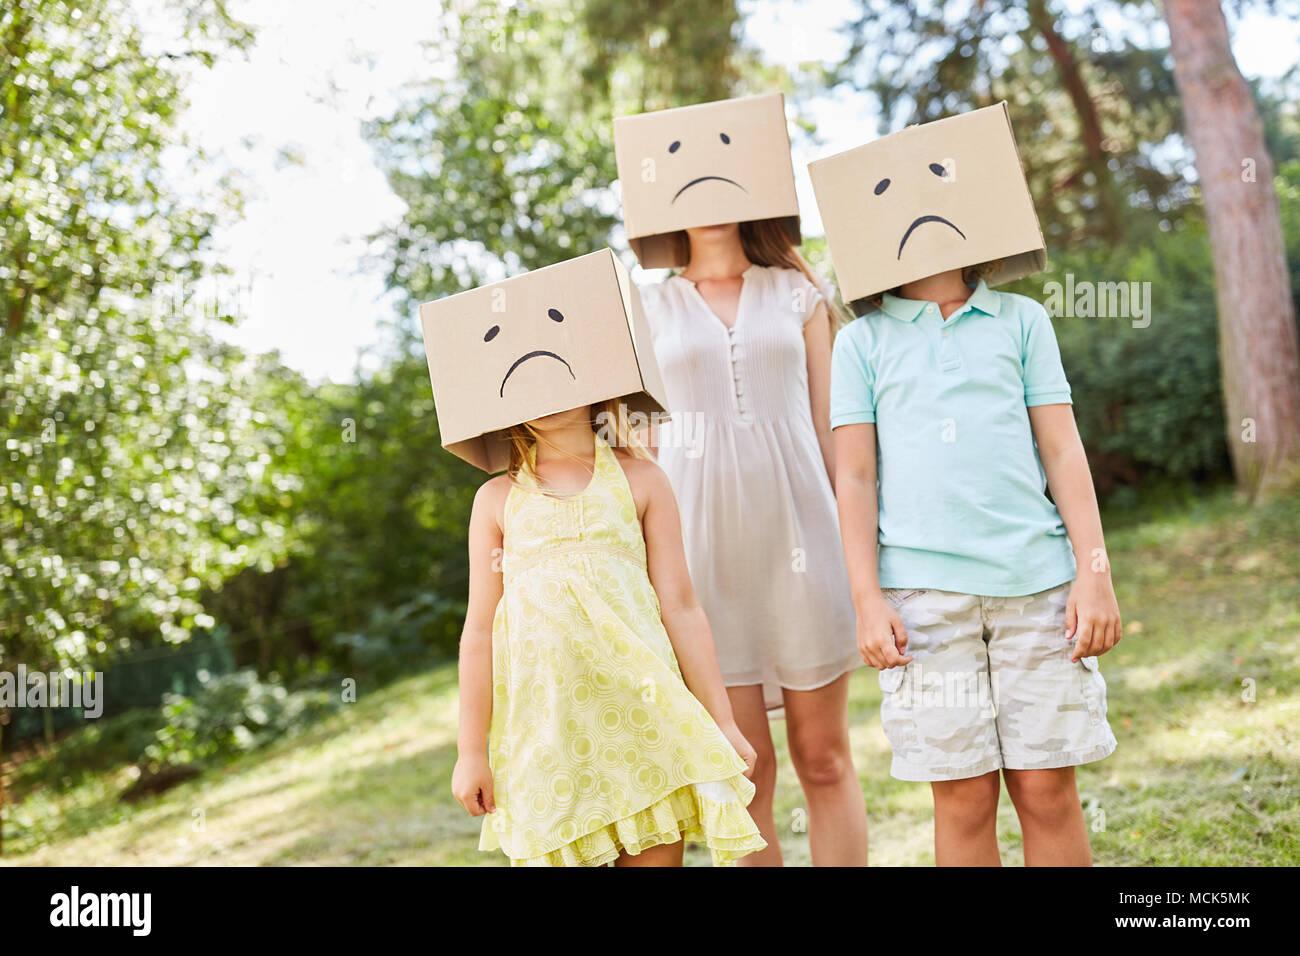 Anonimo famiglia si nasconde sotto le scatole di cartone con un dolore faccia in un giardino Foto Stock